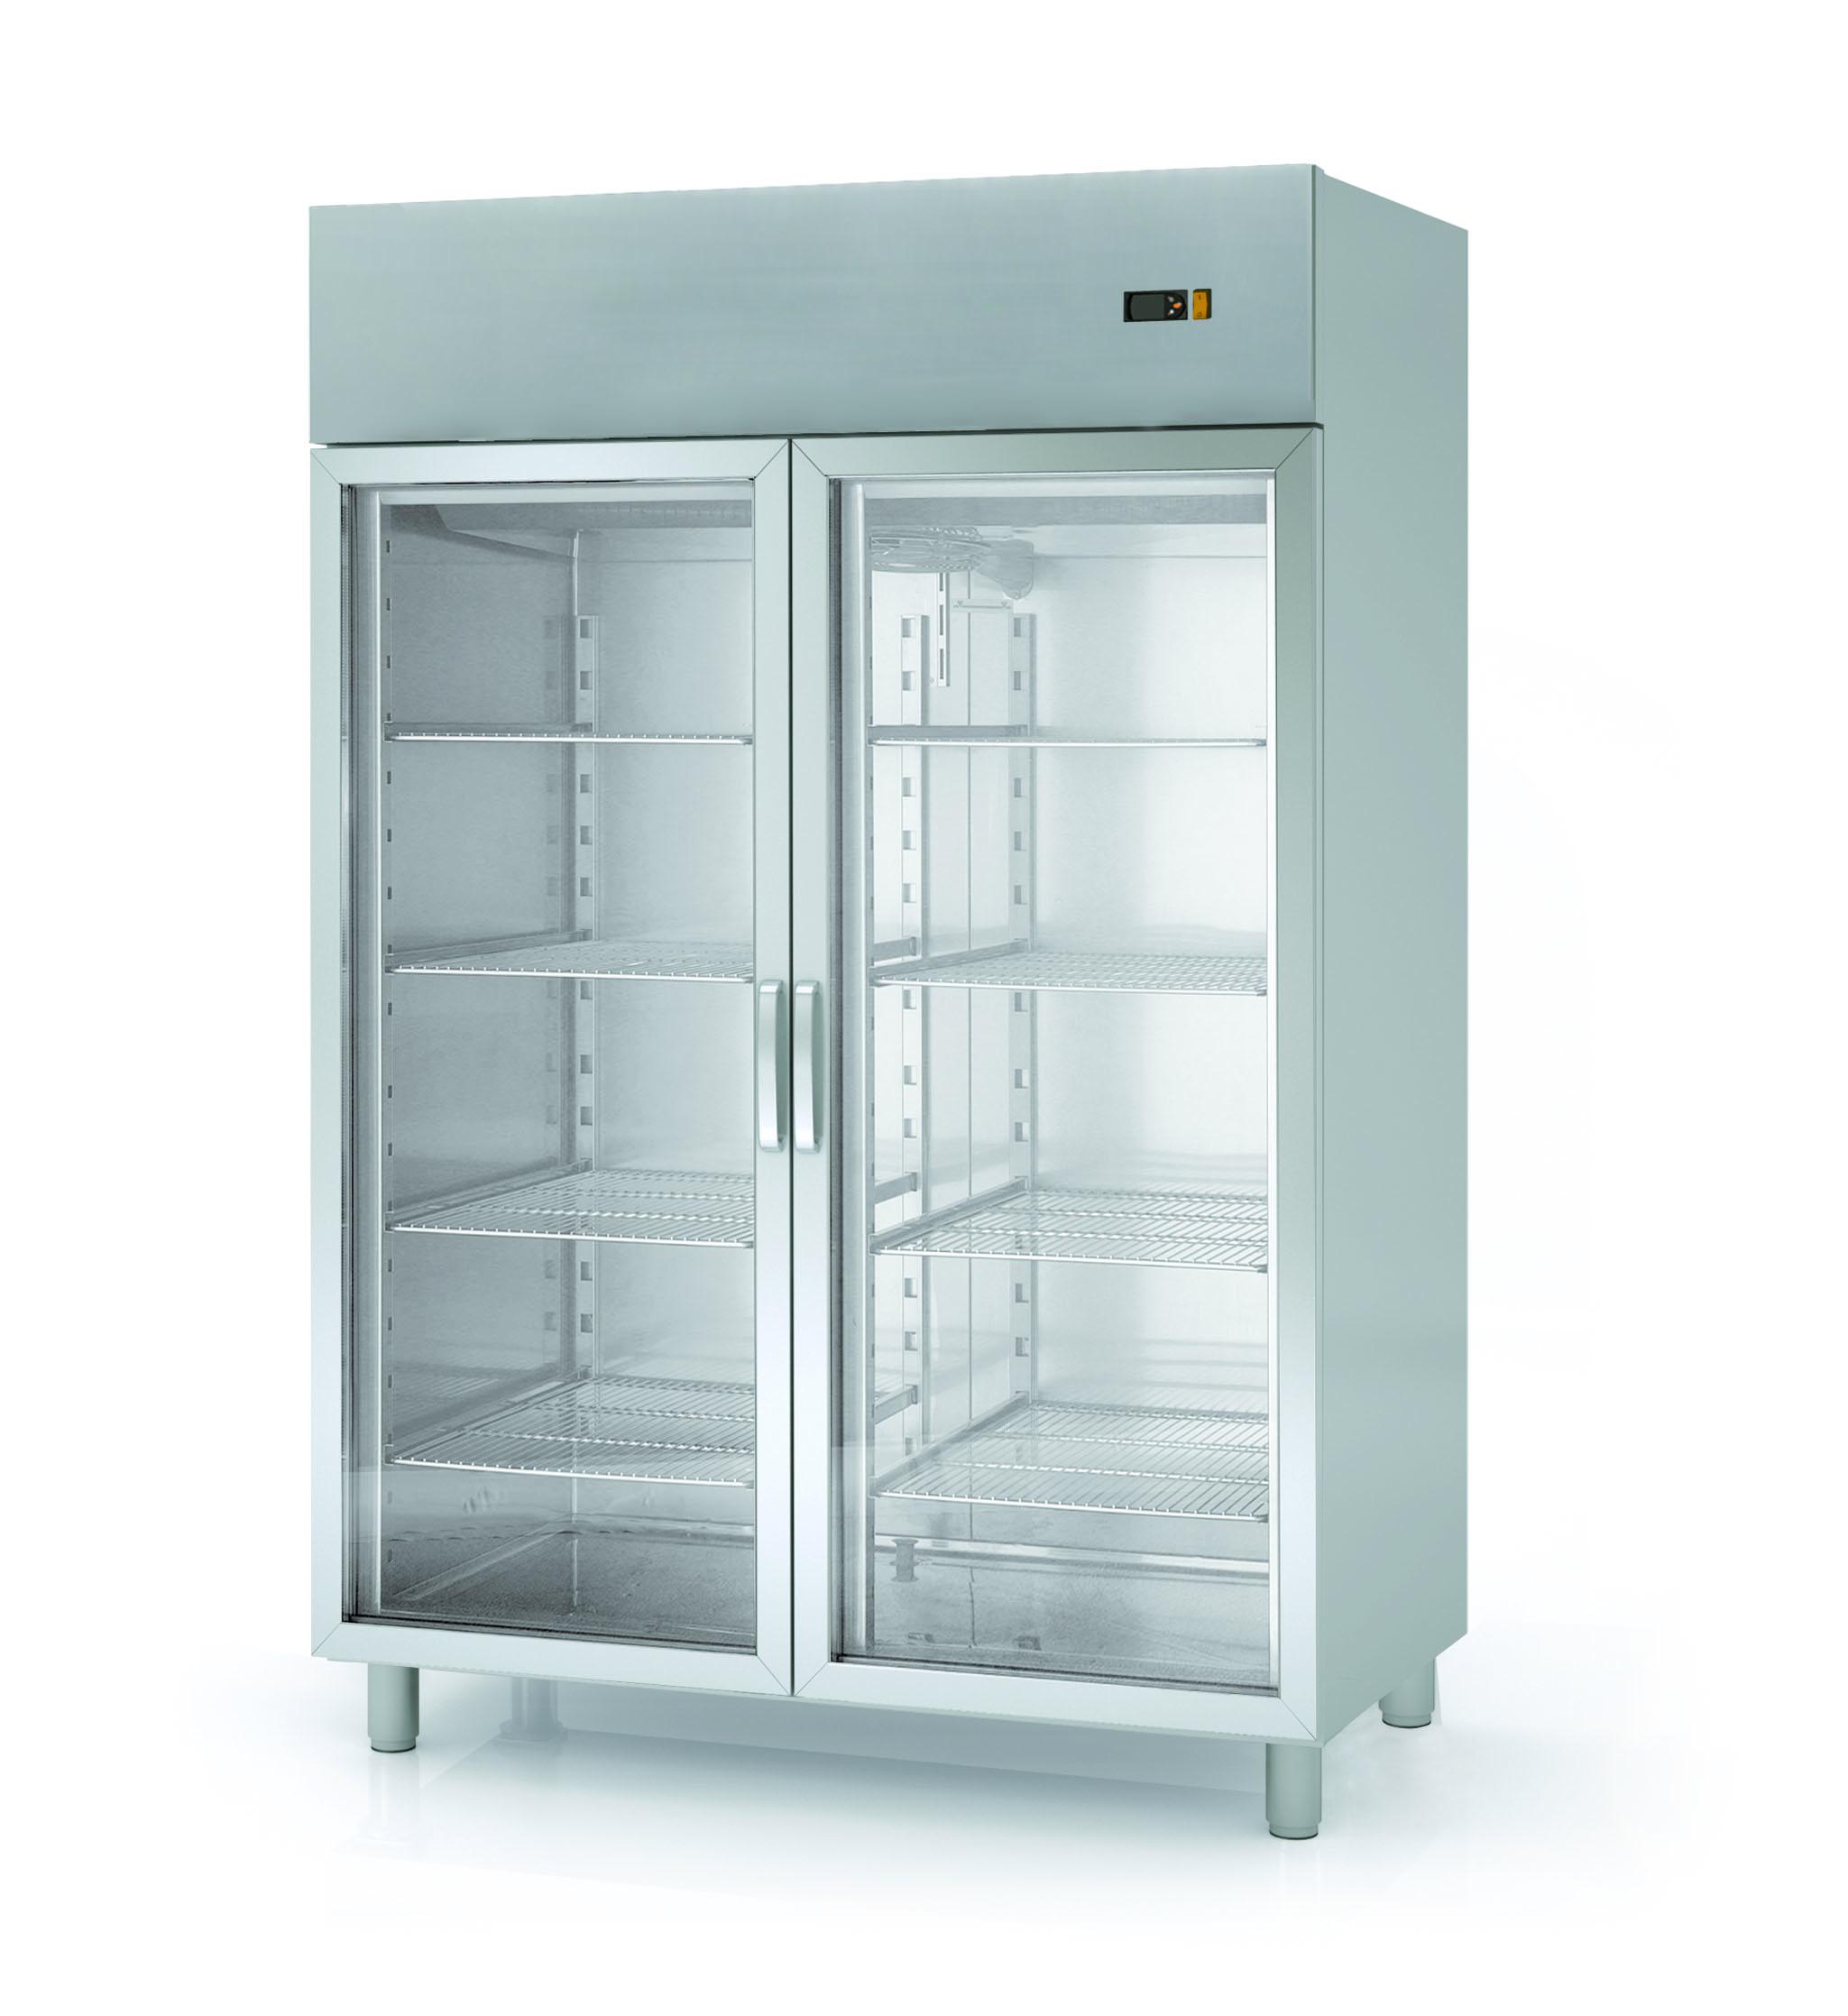 Kühlschrank Profi 1400 GN 2/1 - mit 2 Glastüren Online-Shop GASTRO ...